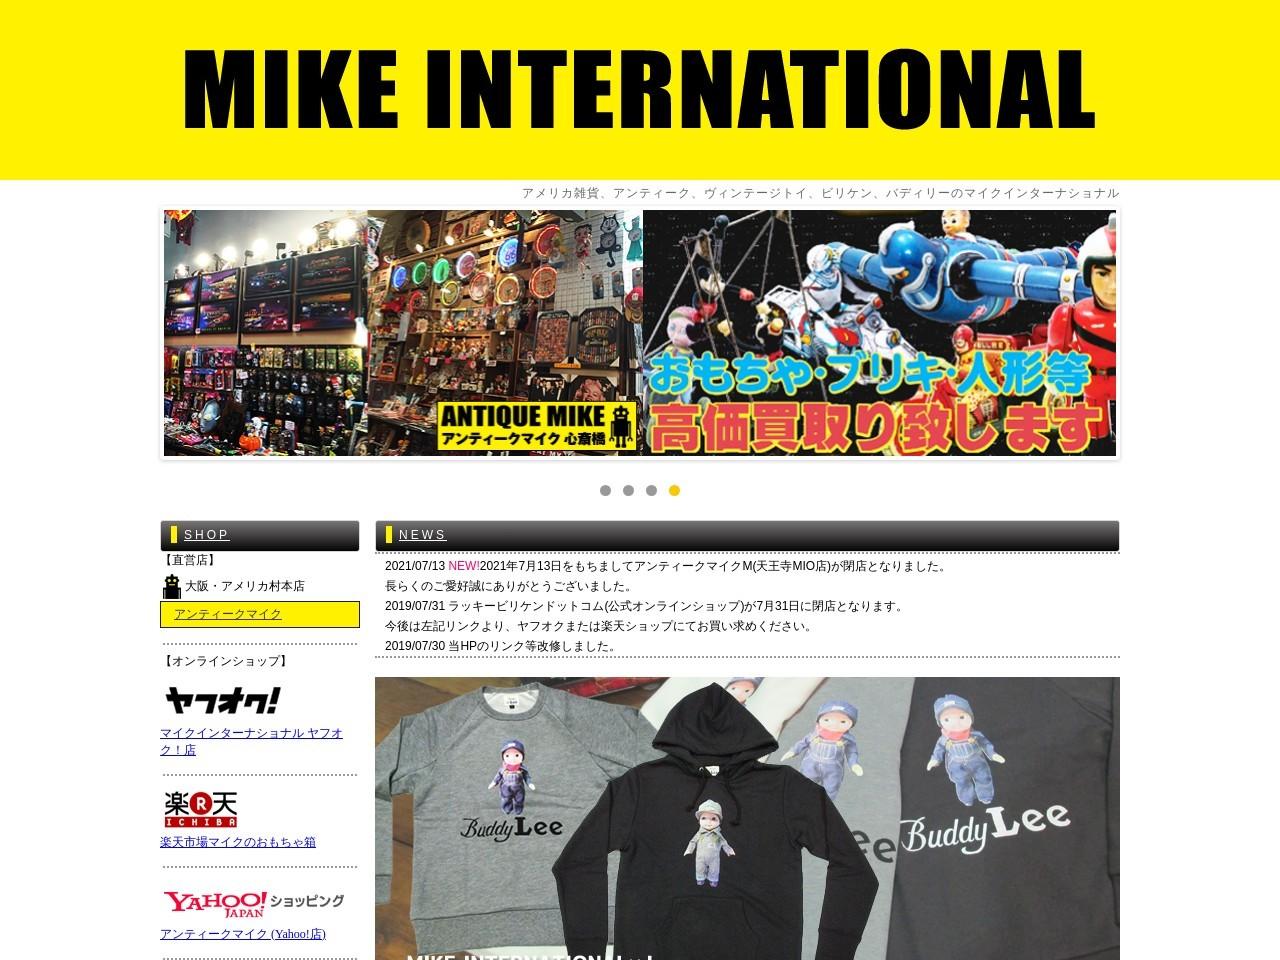 マイクインターナショナル:アメリカ雑貨、アンティーク、ヴィンテージトイ、ラッキービリケン、バディ・リーの販売・卸売